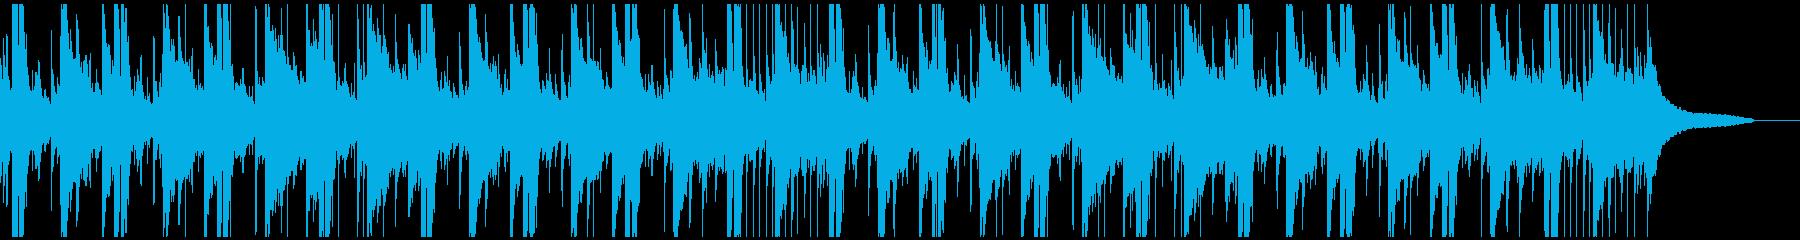 アコギとピアノの明るい曲です。の再生済みの波形